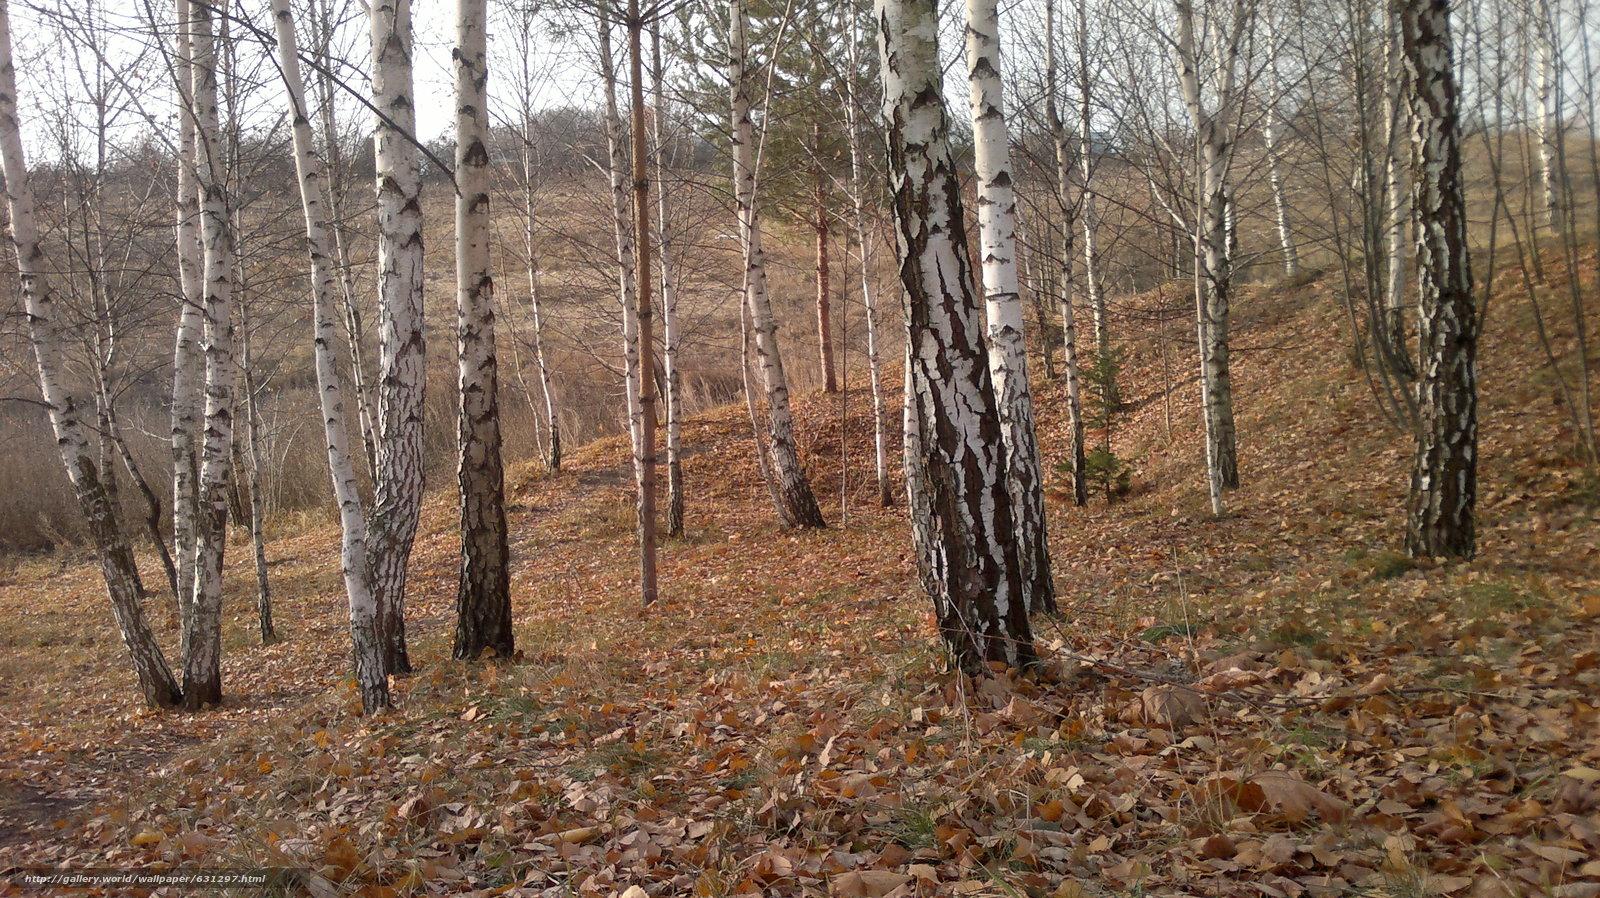 Скачать обои осень,  деревья,  пейзаж бесплатно для рабочего стола в разрешении 3264x1832 — картинка №631297